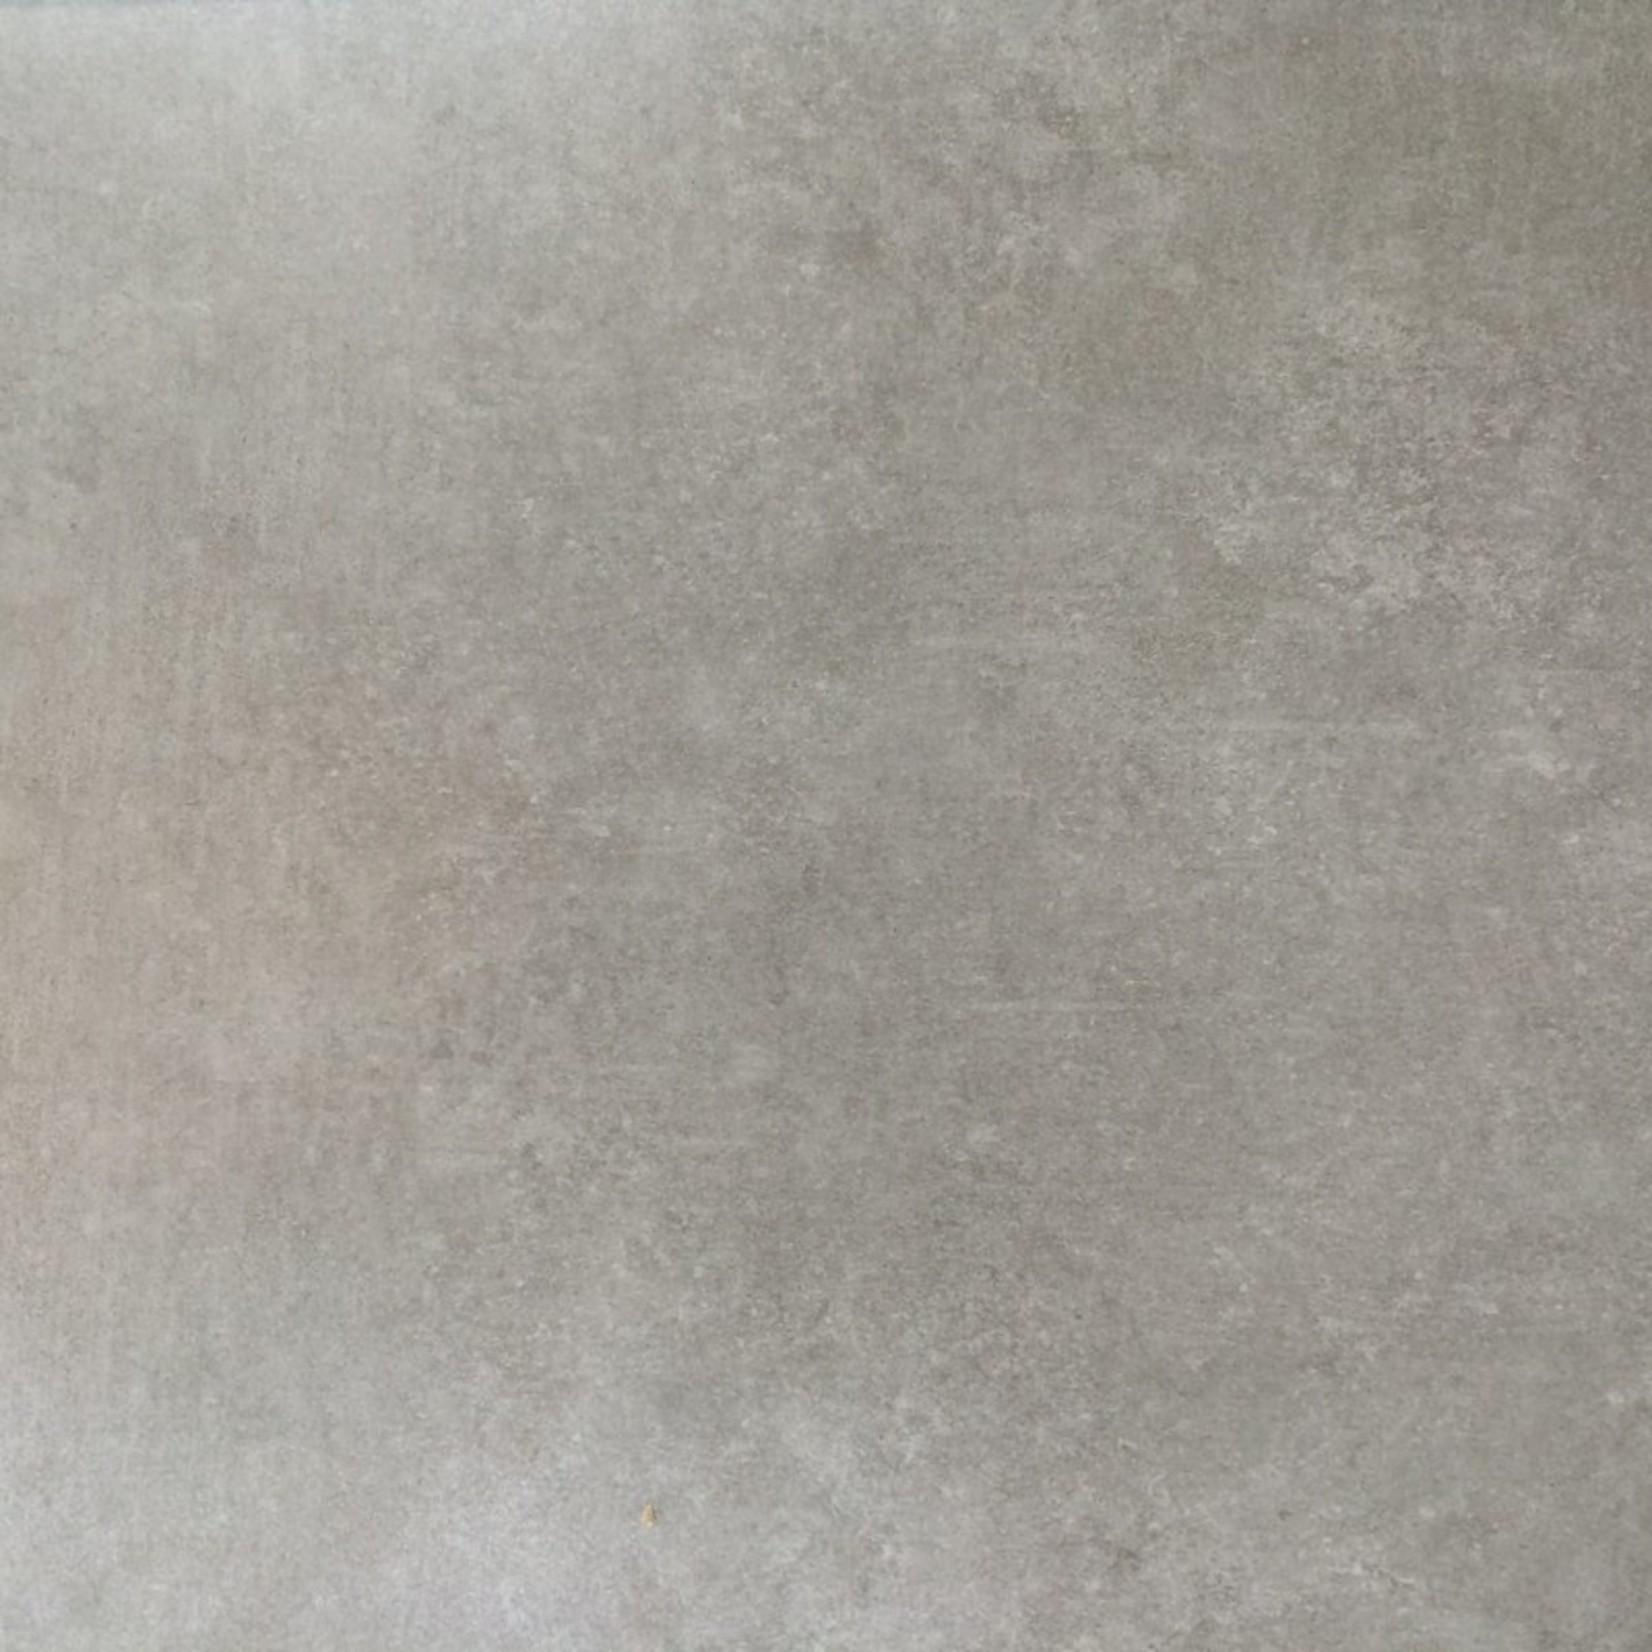 Porcelaine 24x24 6032 (16pi2/boite)